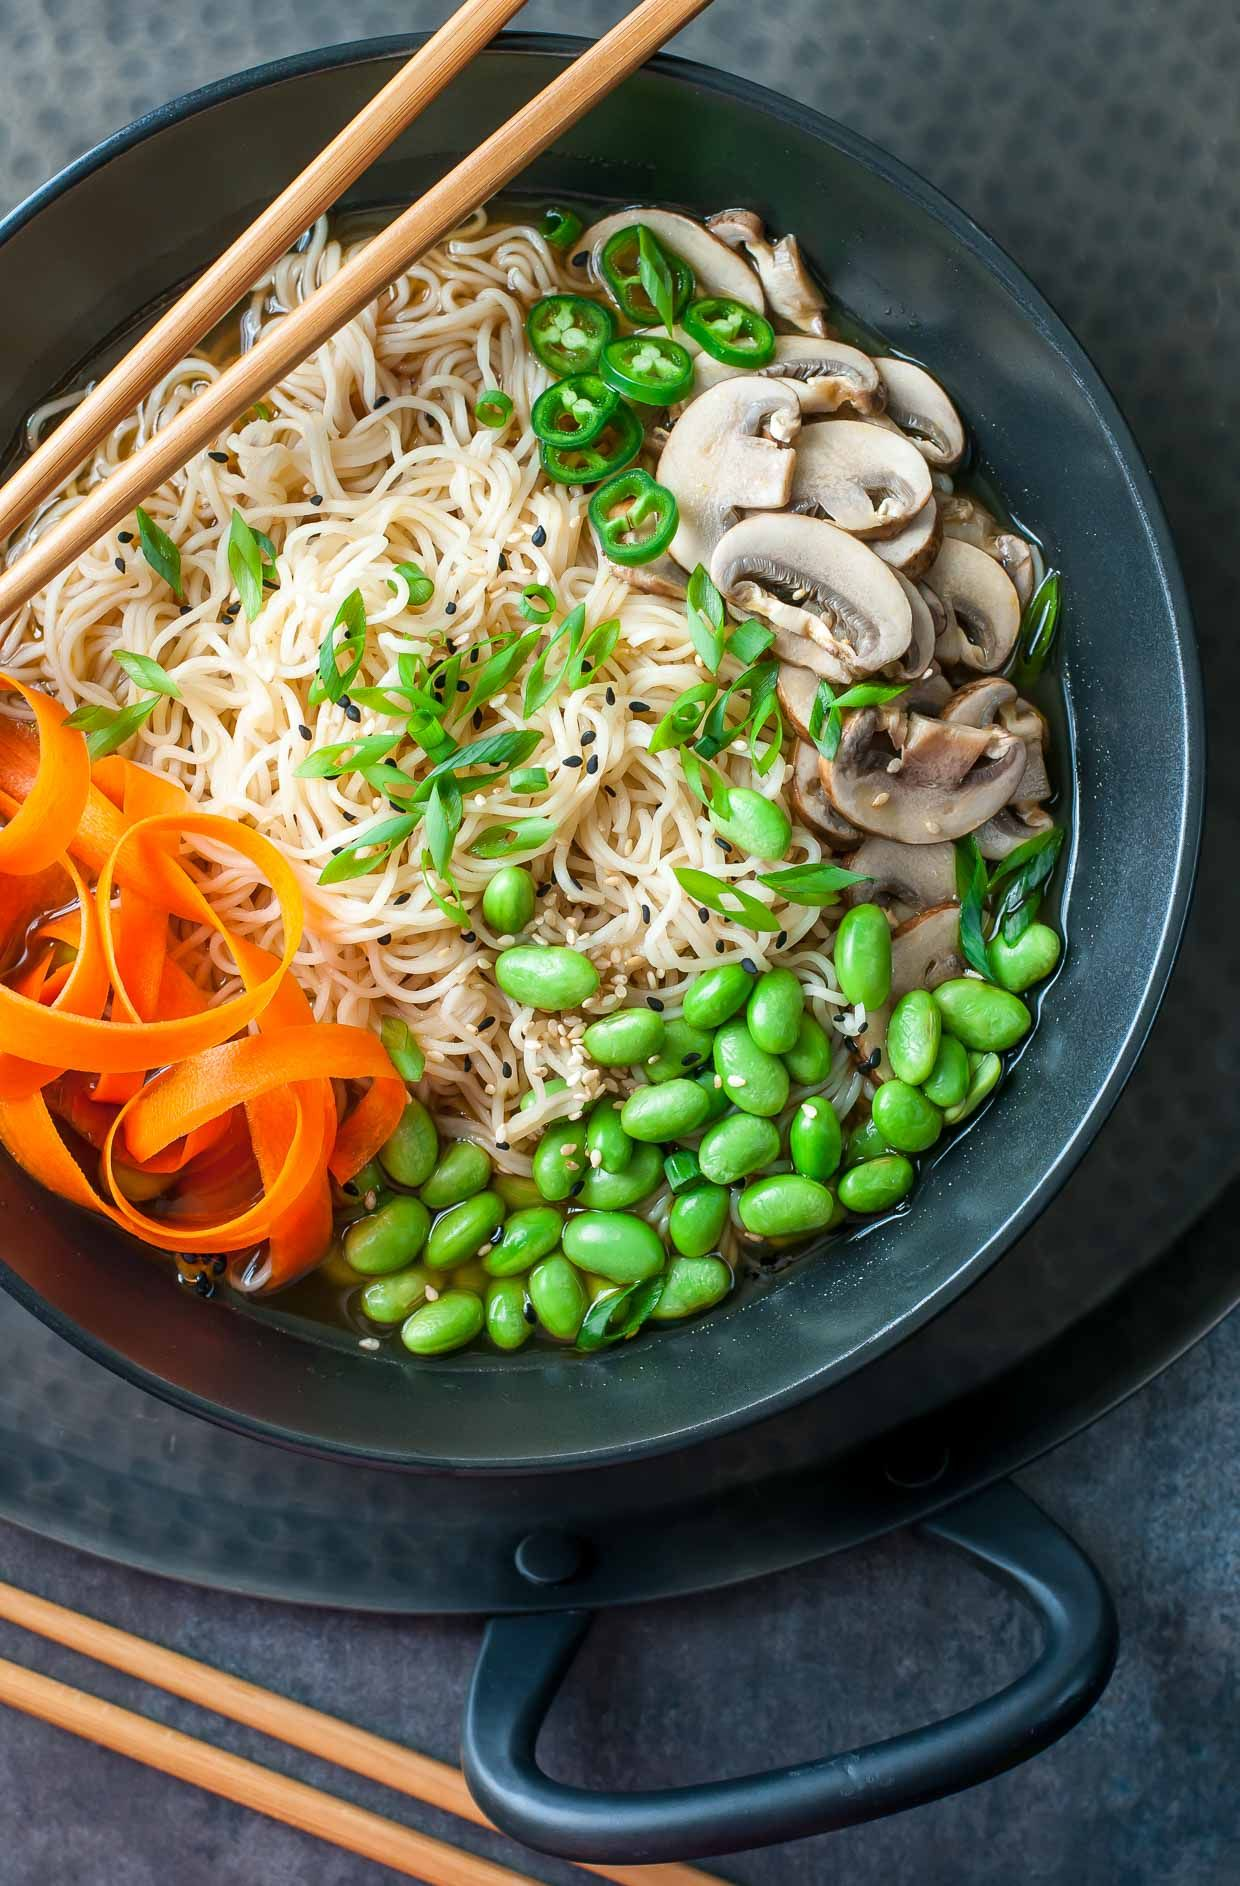 Vegan Ramen Bowls With Edamame And Mushrooms